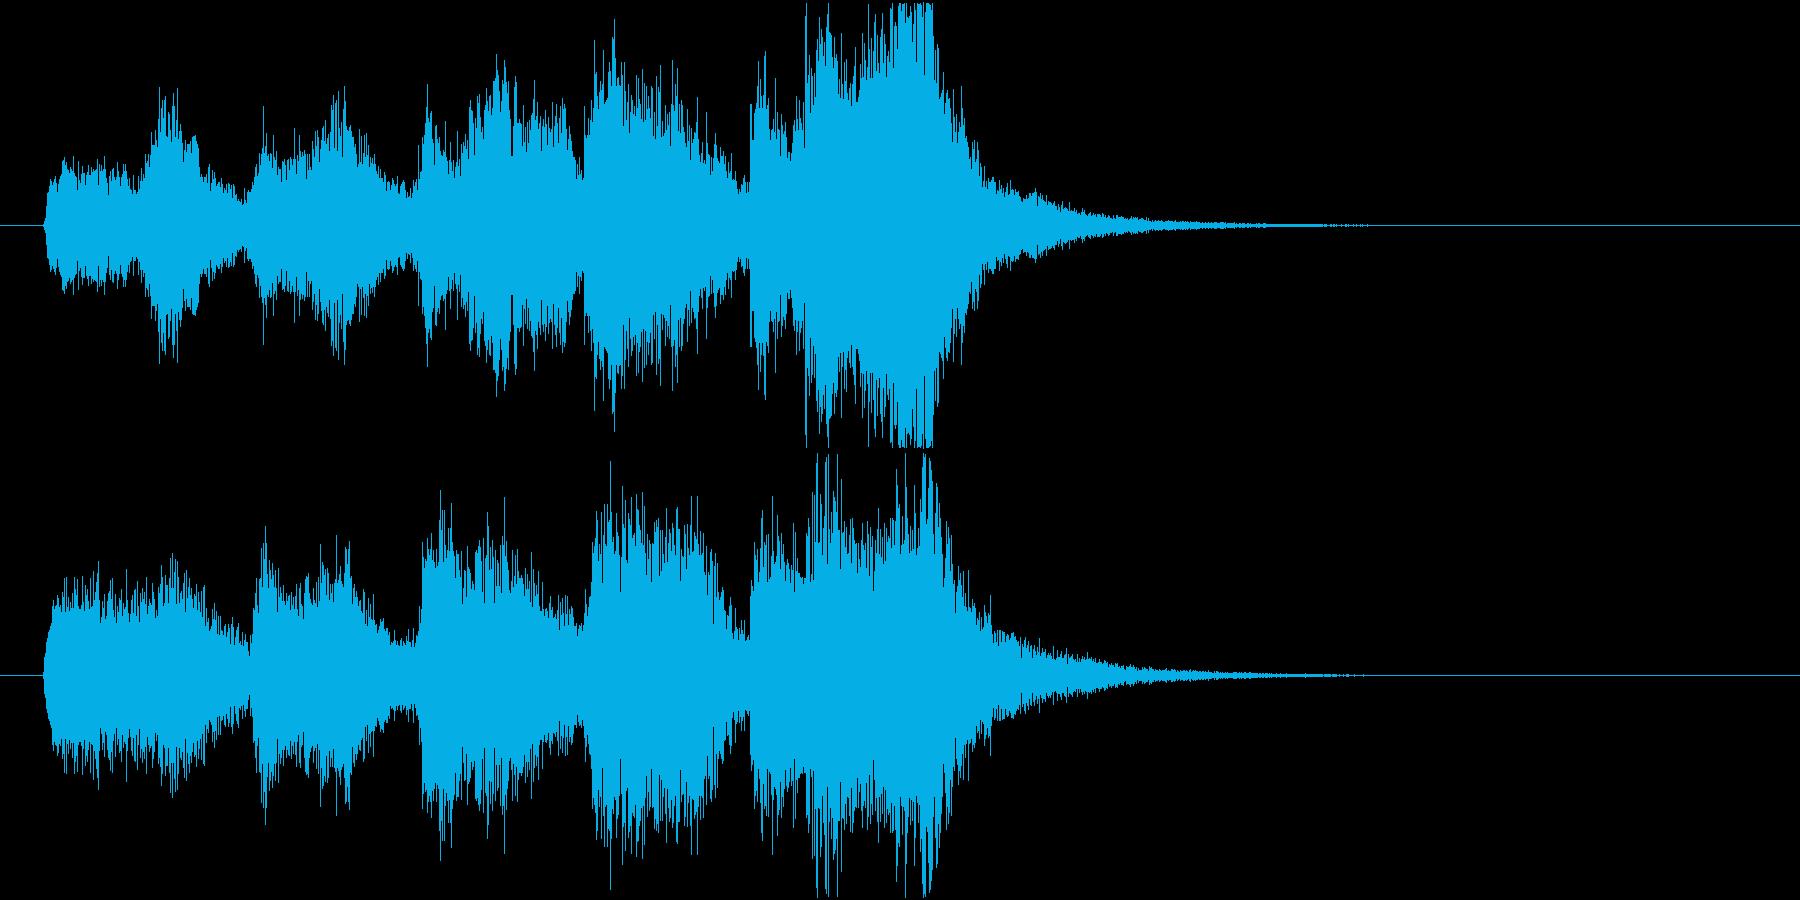 一流芸能人を格付けるファンファーレBの再生済みの波形